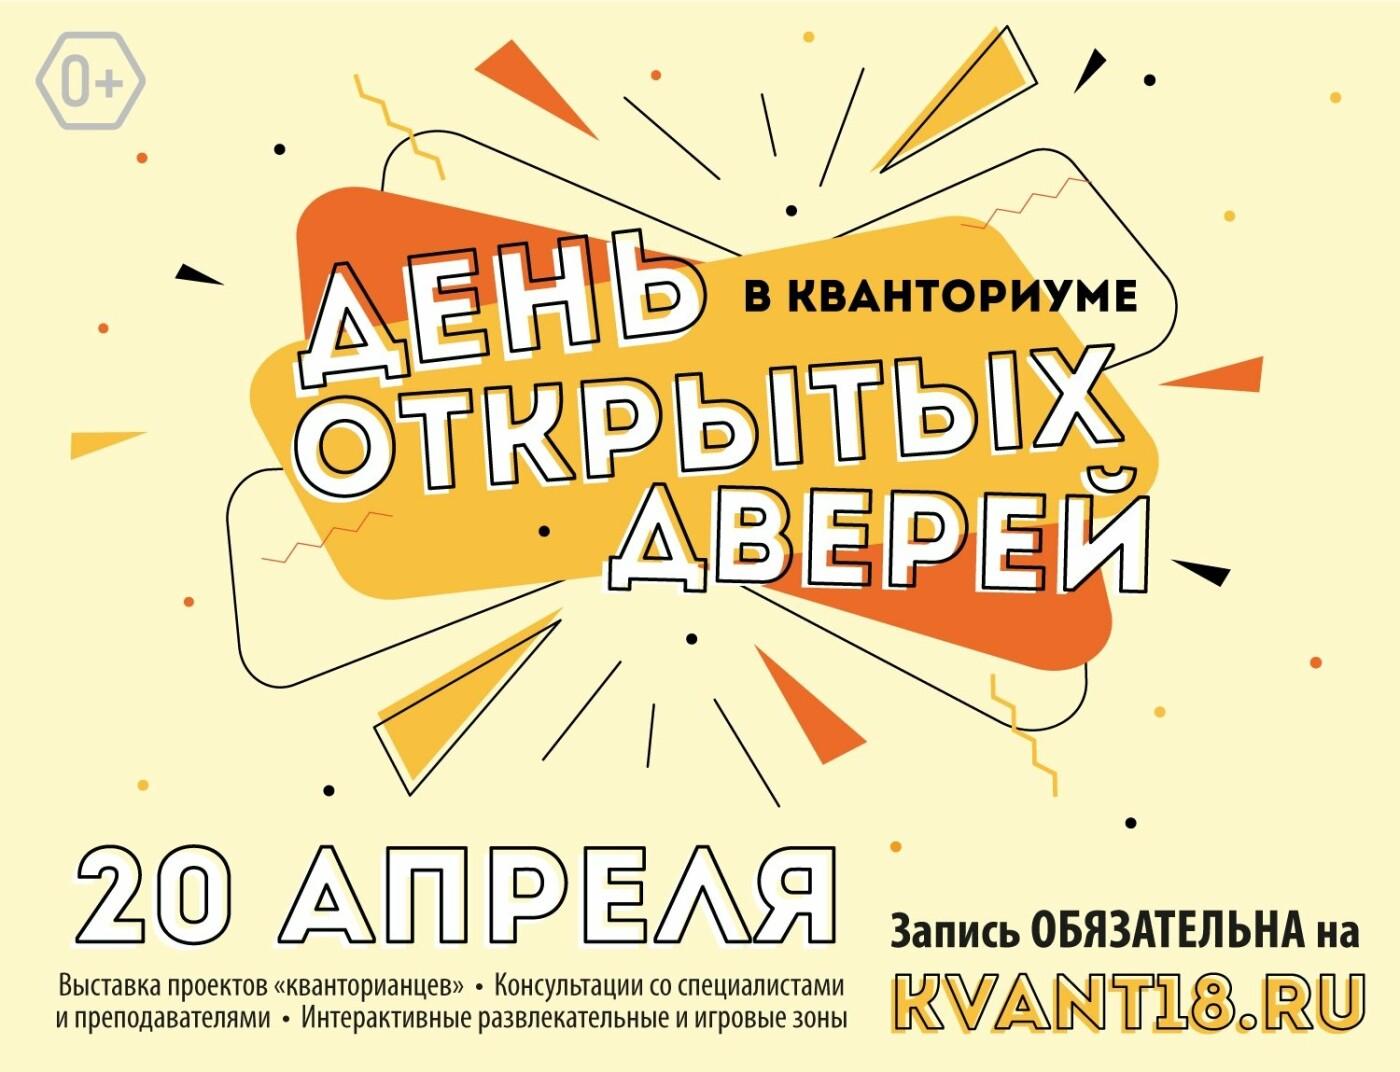 20 апреля «Кванториум» в Ижевске проводит день открытых дверей, фото-1